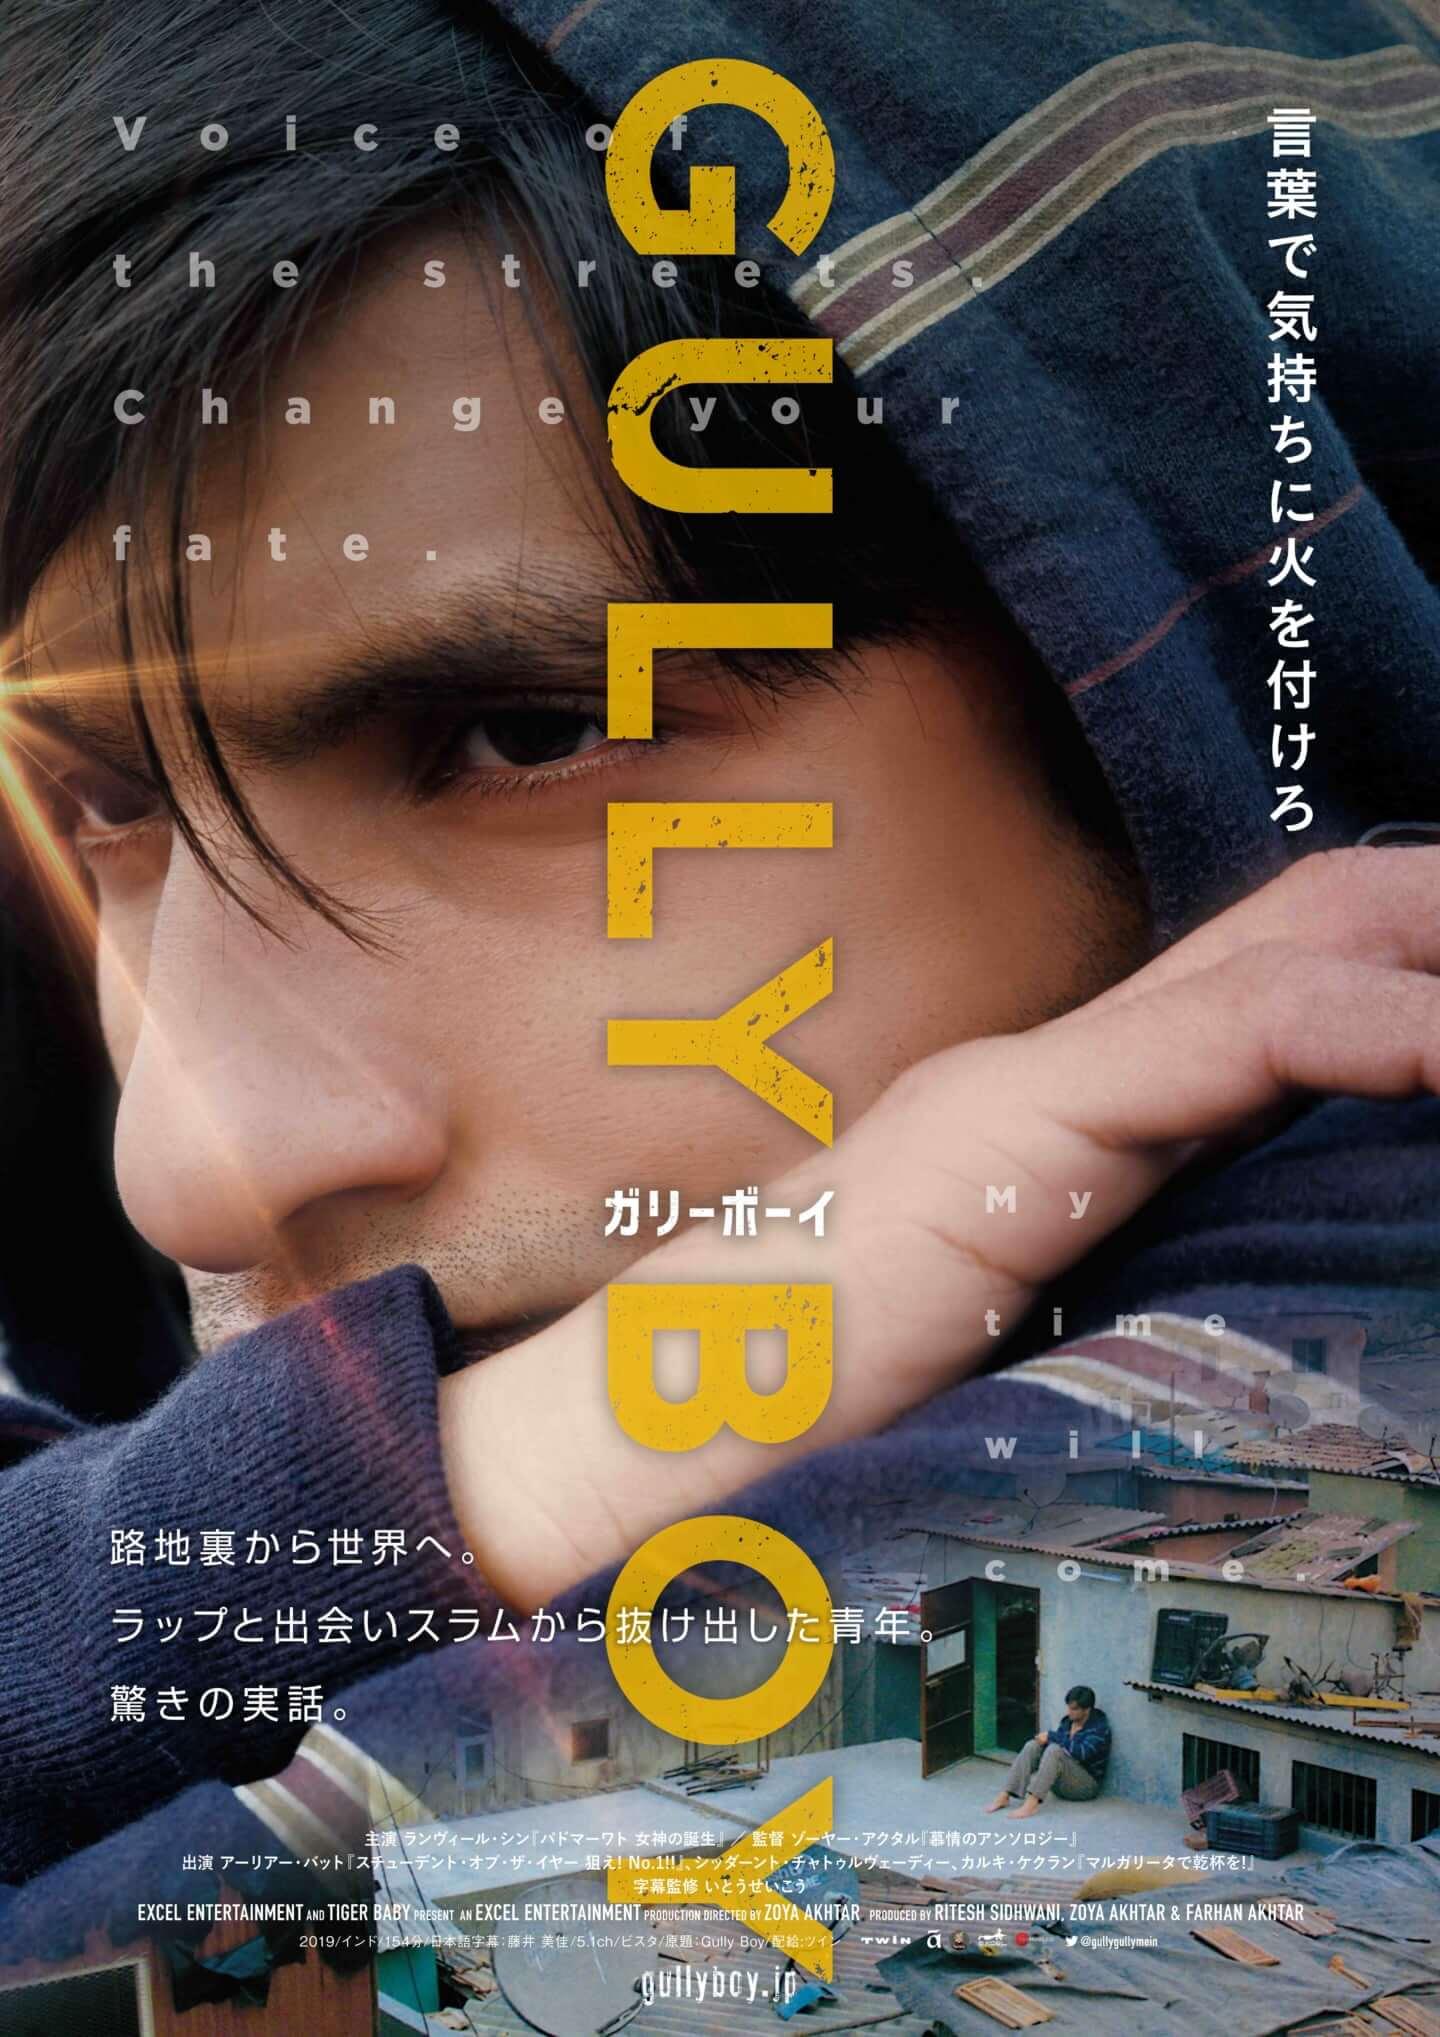 さなり × xiangyu 対談|音楽で人生を変えた2人が『ガリーボーイ』から受け取ったもの interview1002_garryboy_jacket-1440x2037